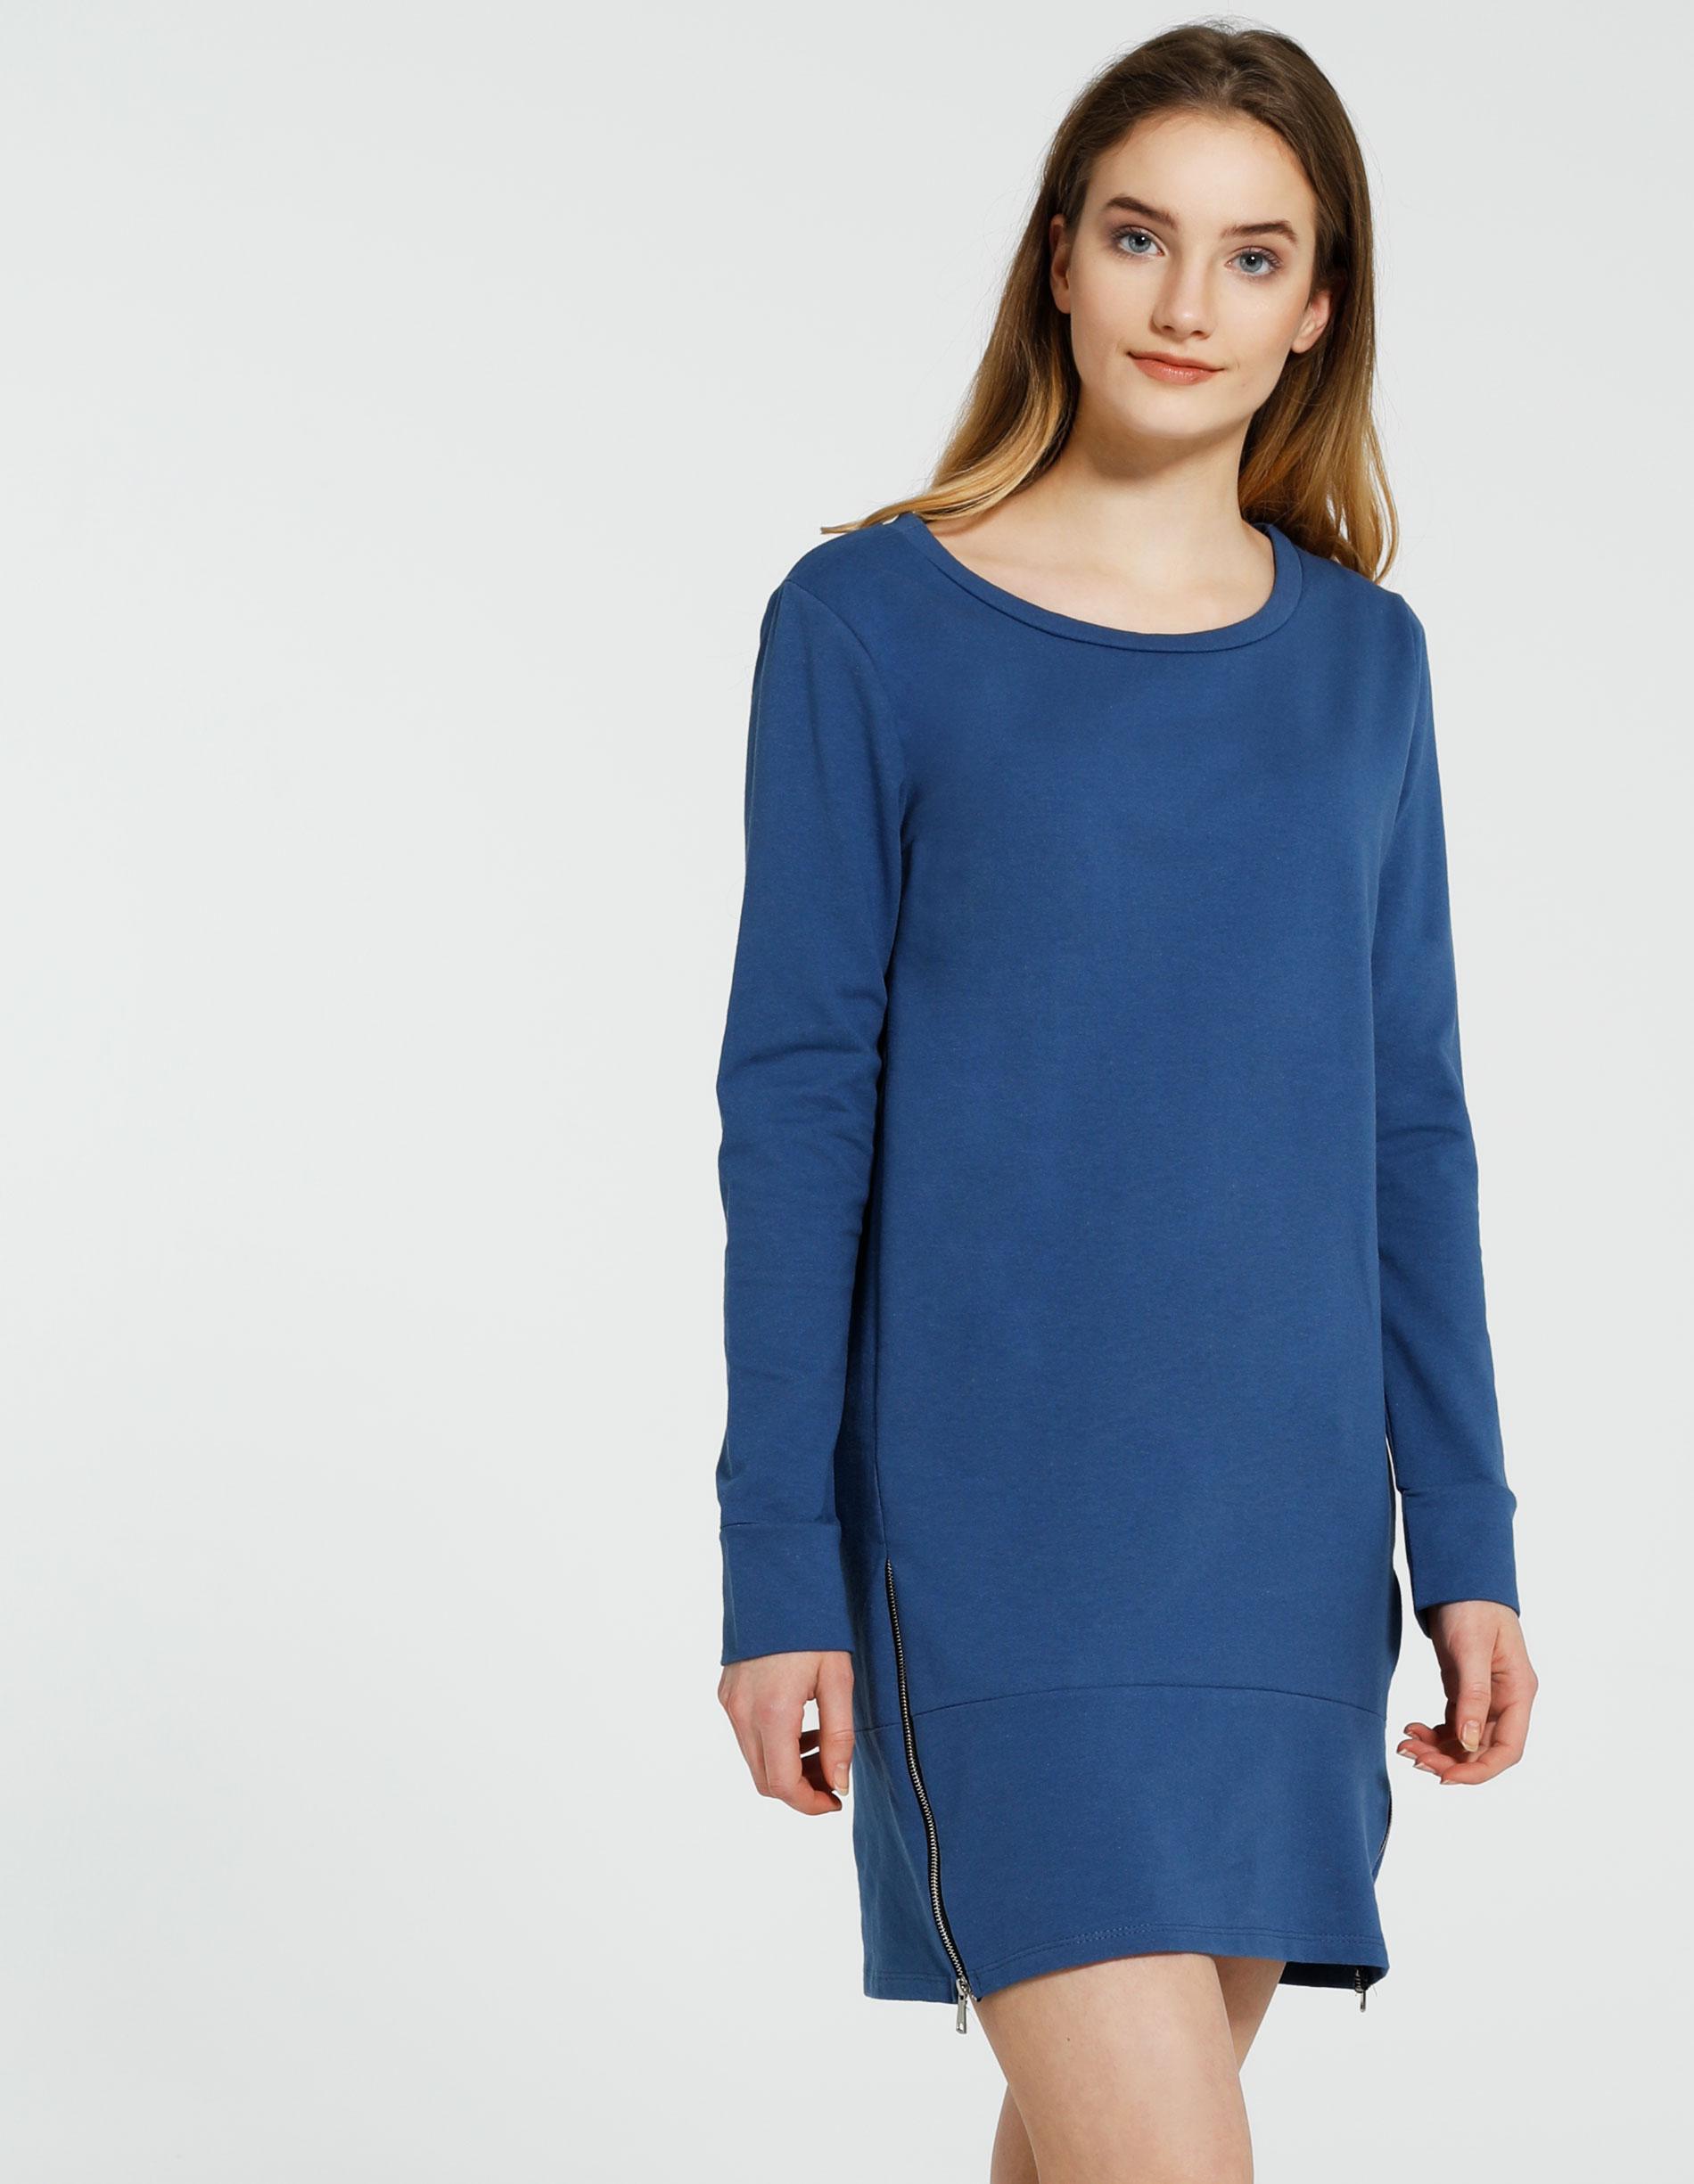 Sukienka - 118-2046 JEAN - Unisono